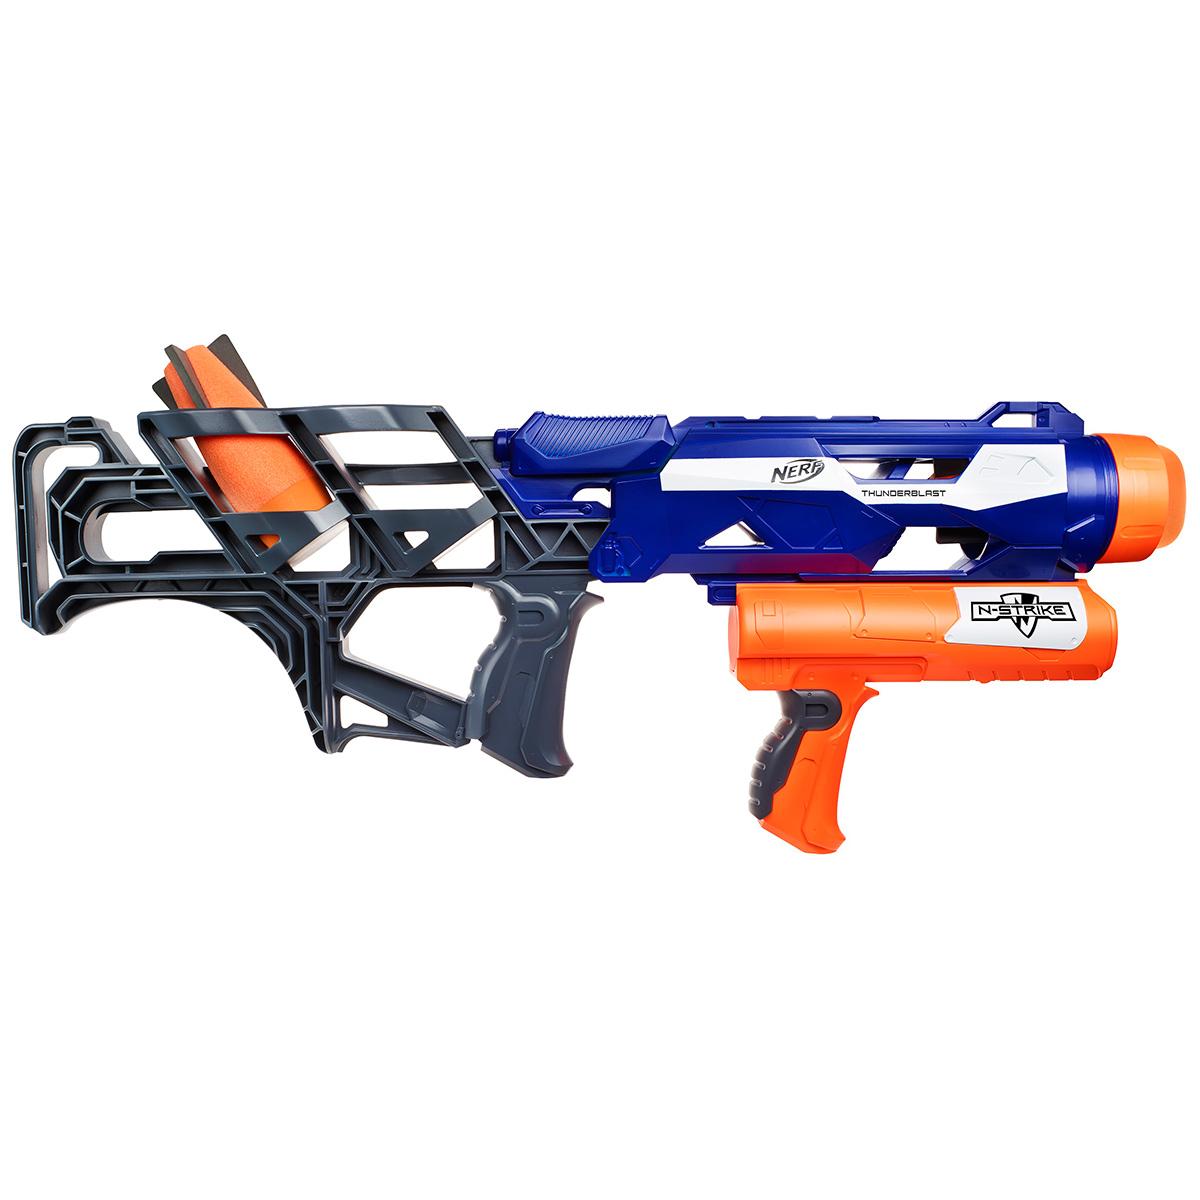 Бластер Nerf Ракетница, цвет: синий, оранжевый игрушечное оружие nerf бластер элит разрушитель